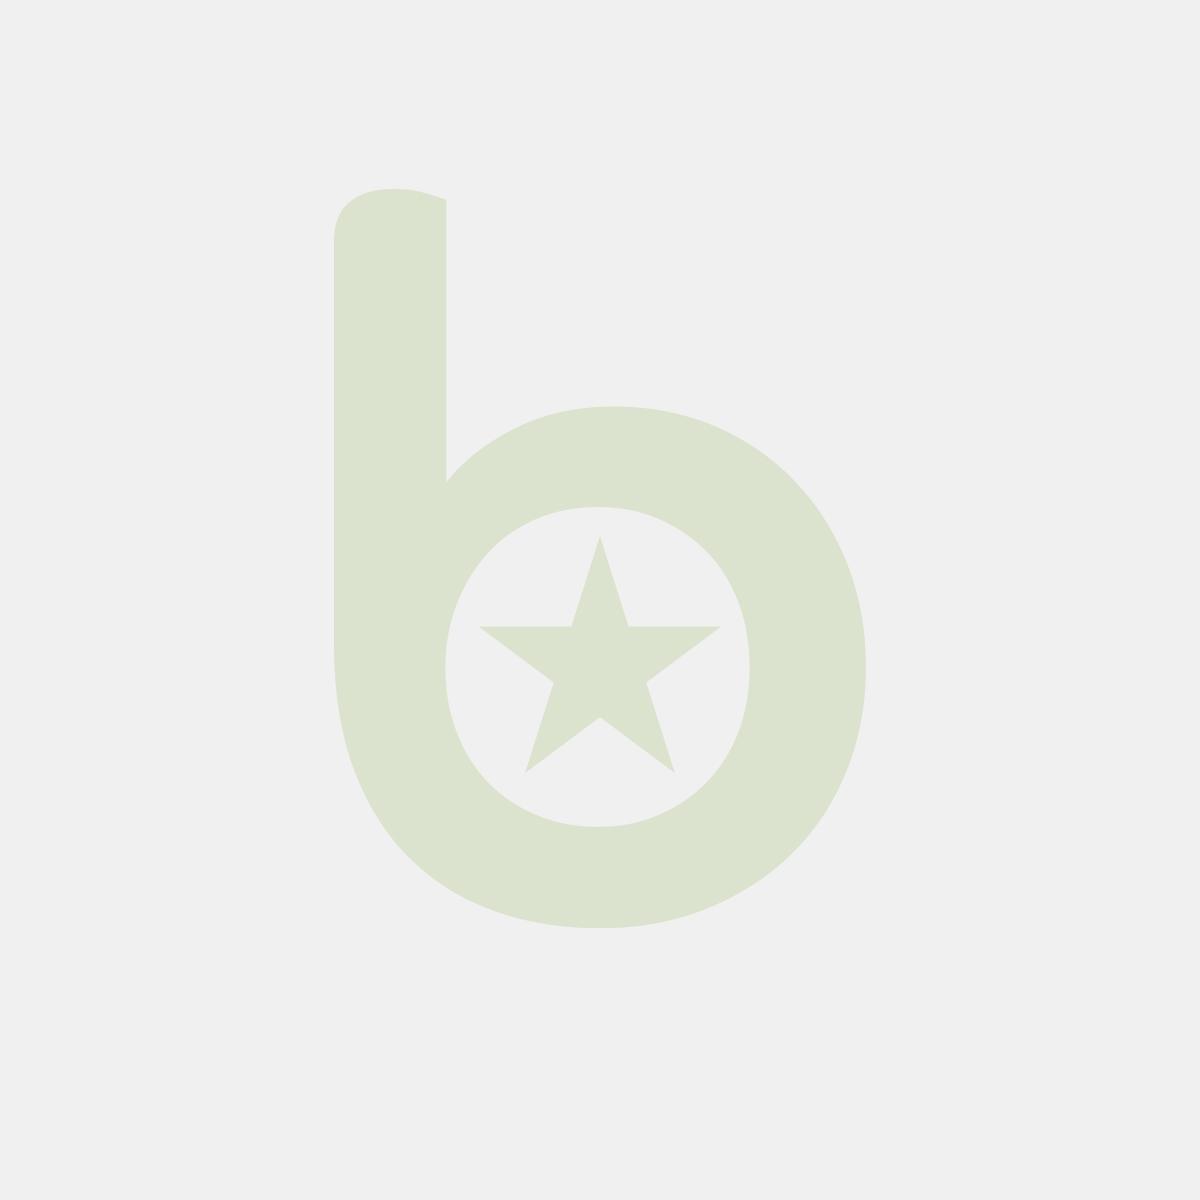 Bloczek samoprzylepny POST-IT® Super Sticky (622-12SS-EG), 47,6x47,6mm, 12x90 kart., paleta Bangkok